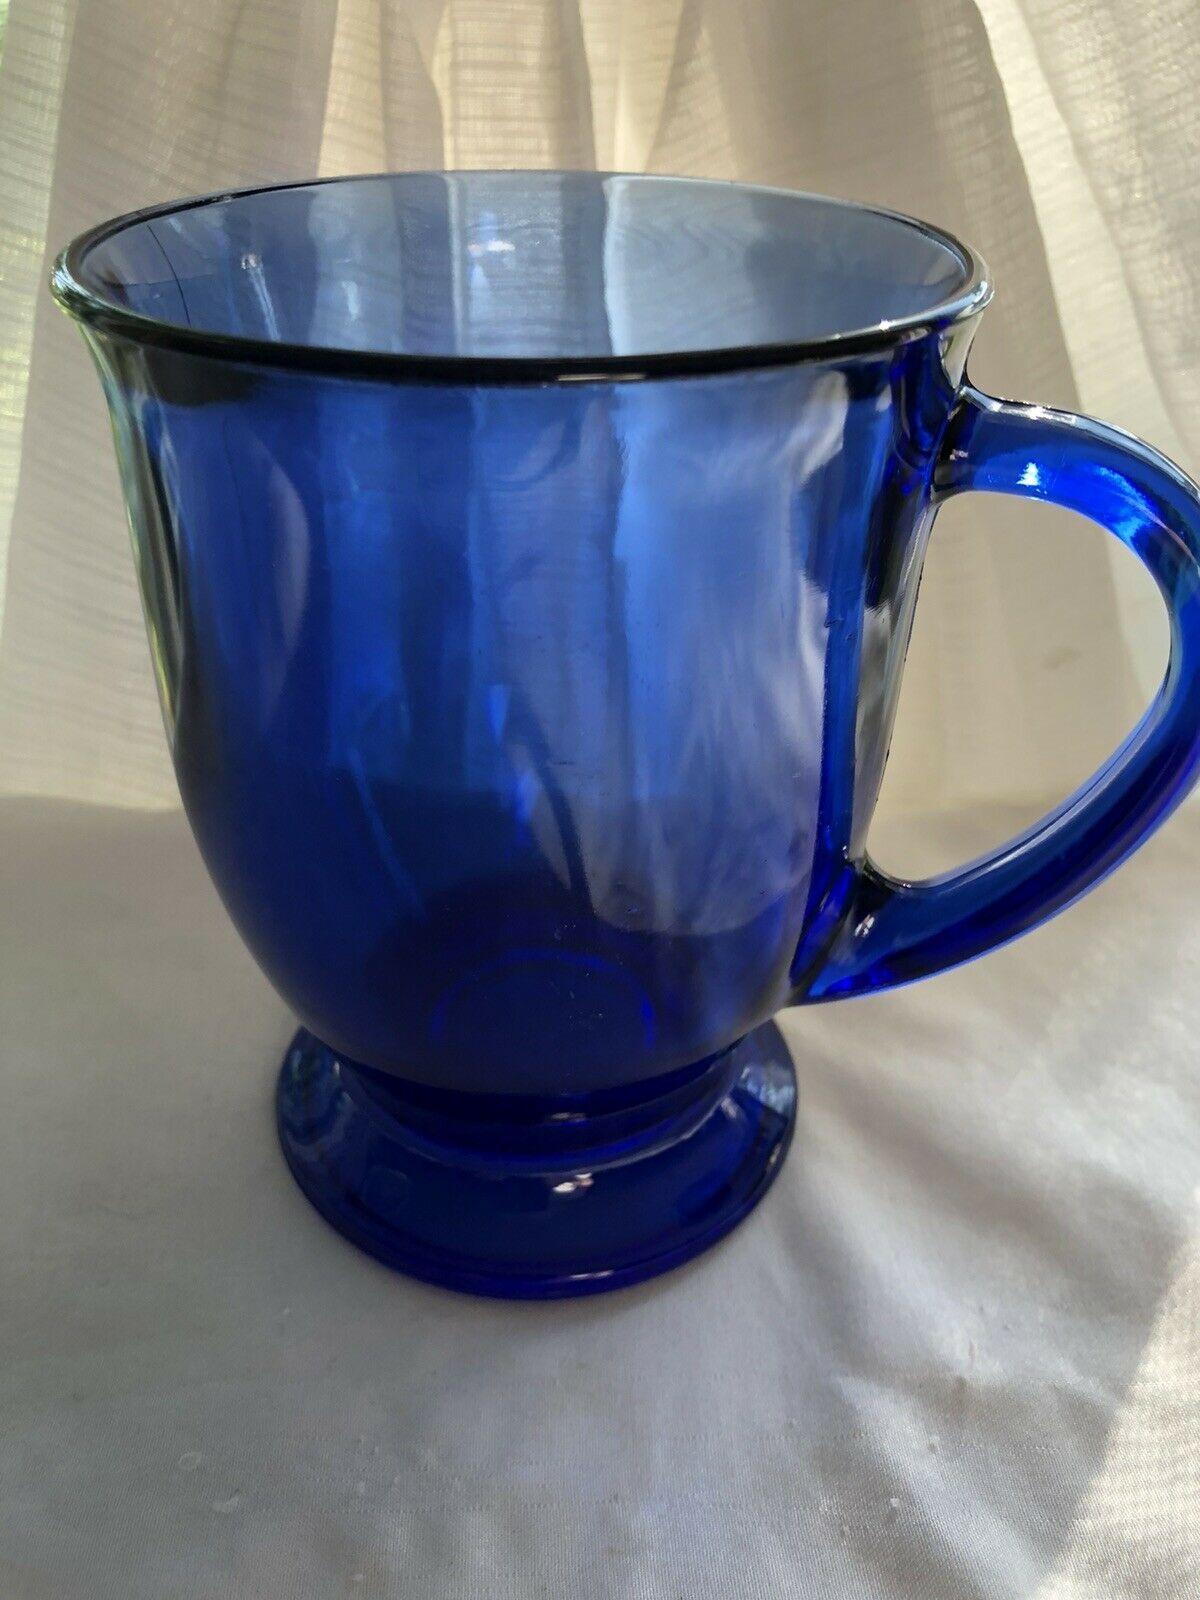 Cobalt Blue Anchor Hocking Glass Handled Mug 12 oz - $12.99